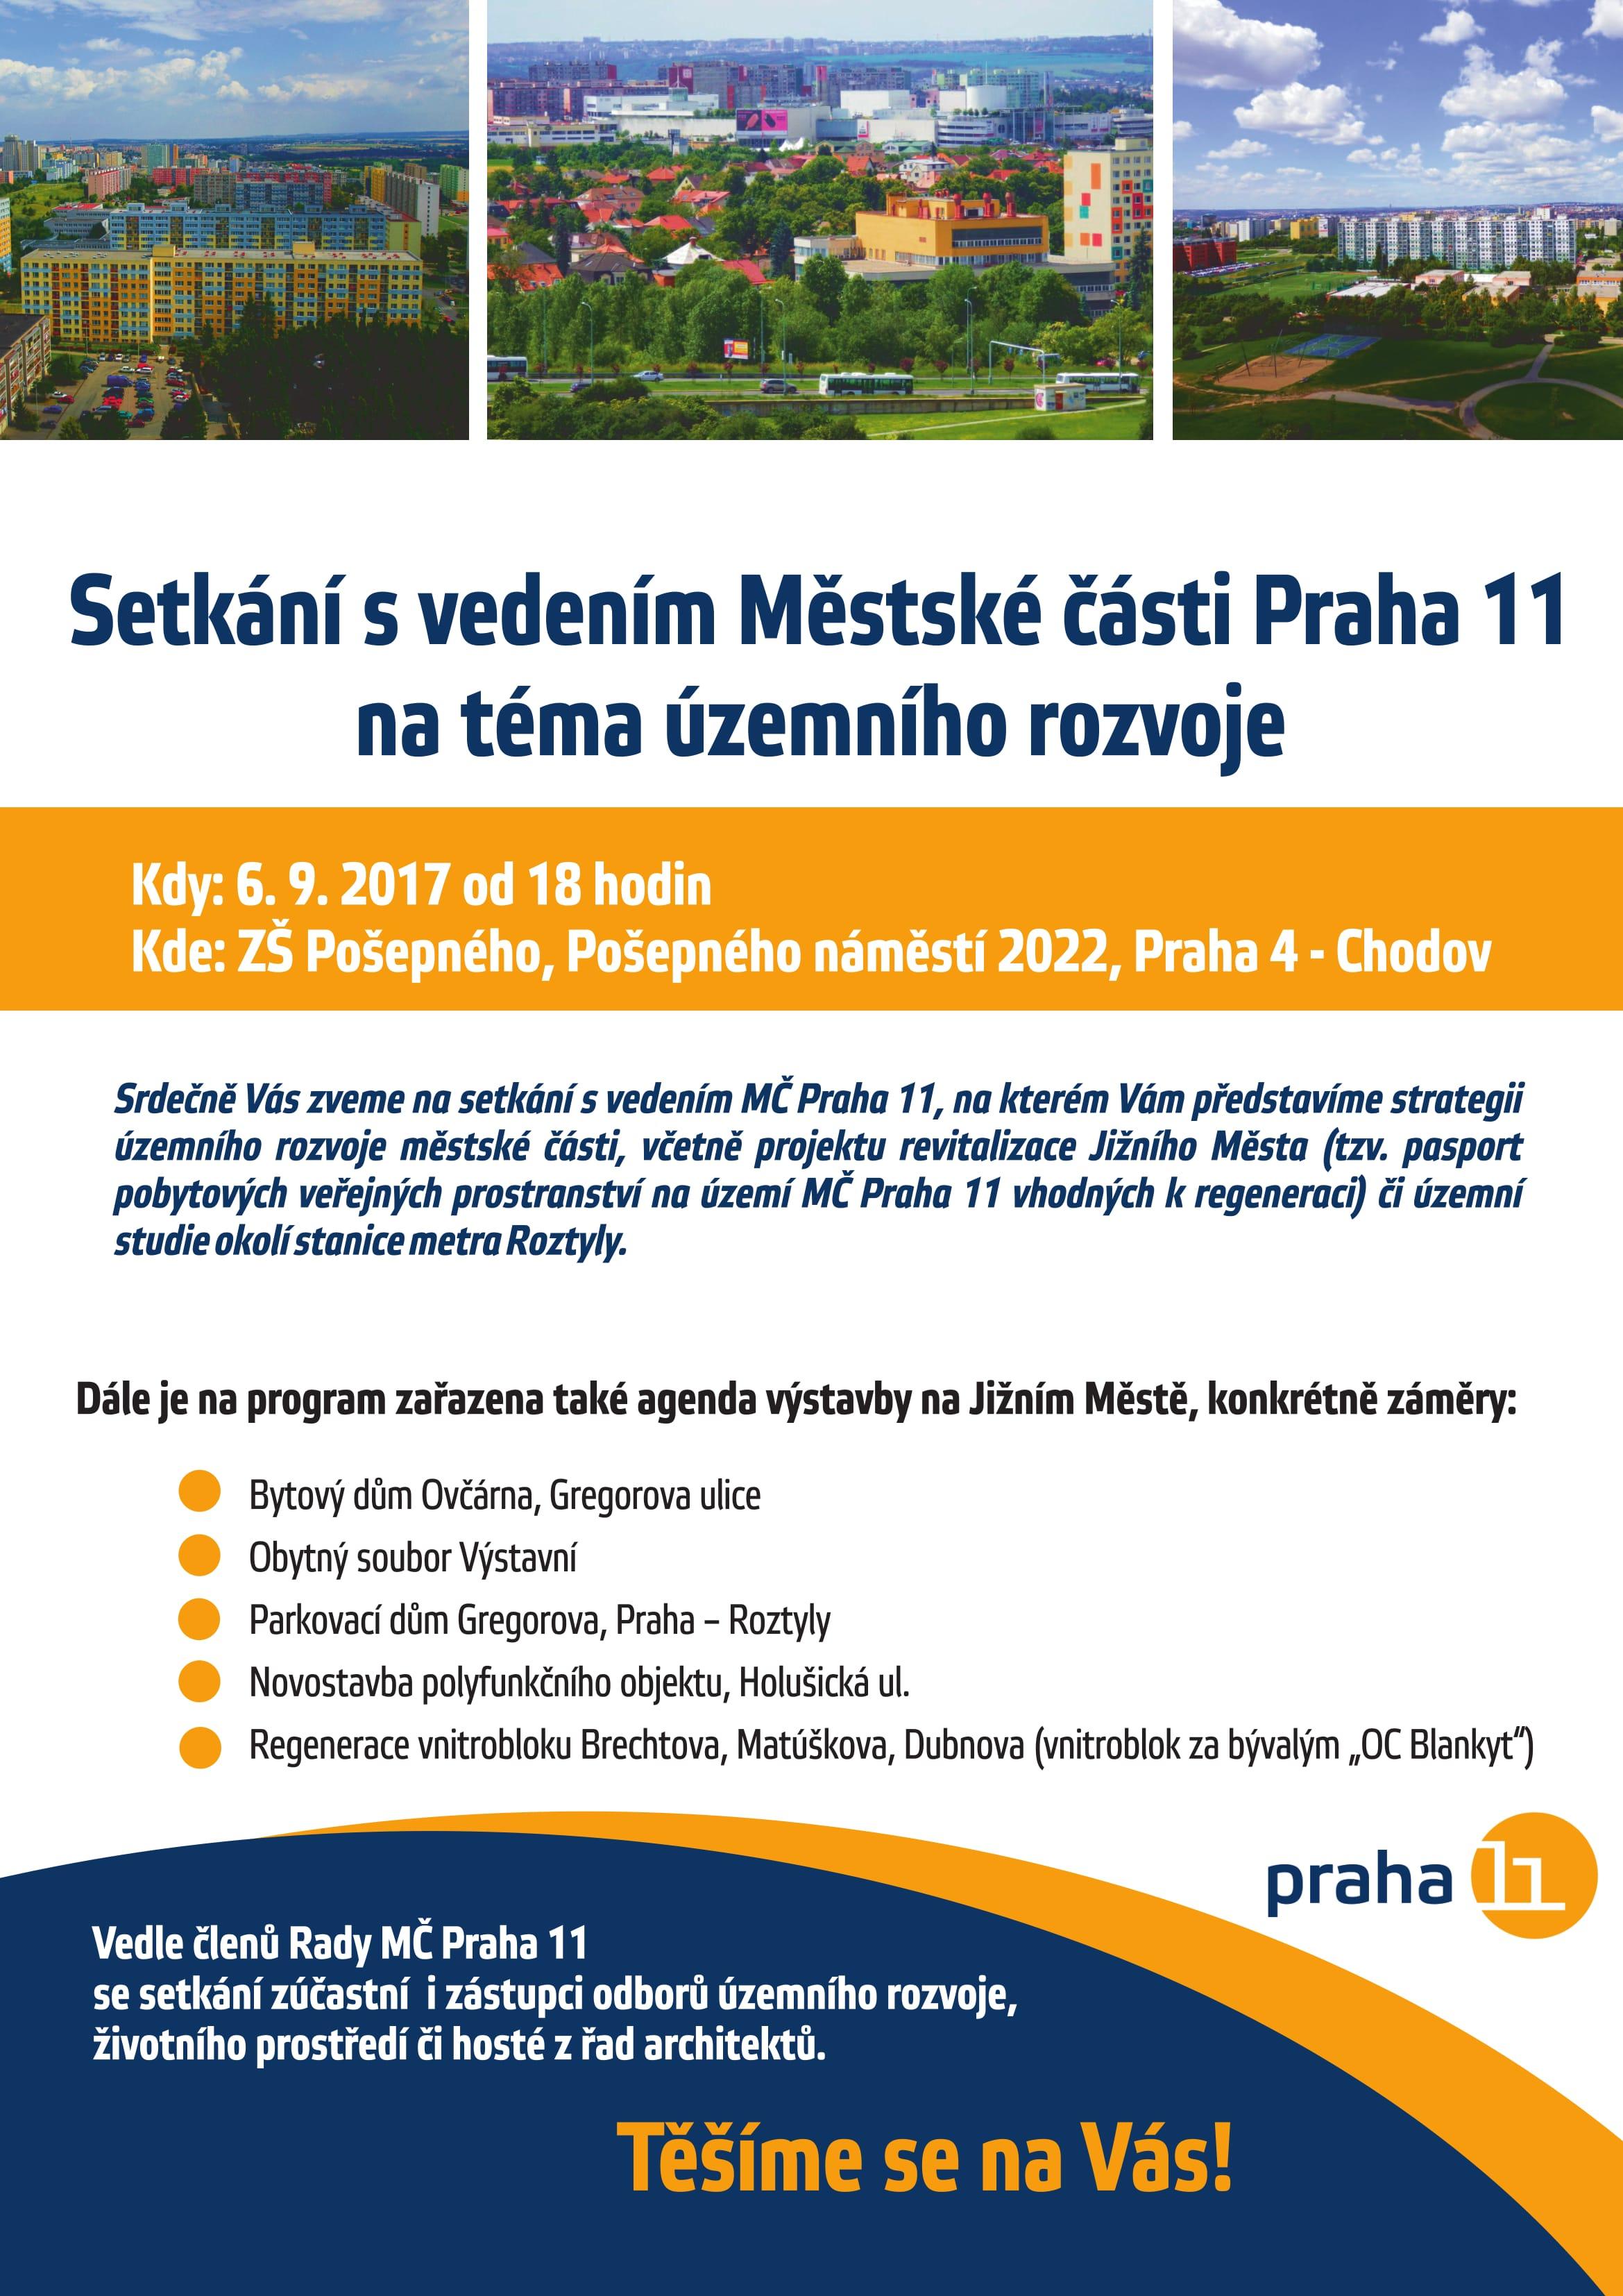 Pozvánka na setkání s vedením MČ Praha 11 na téma územního rozvoje